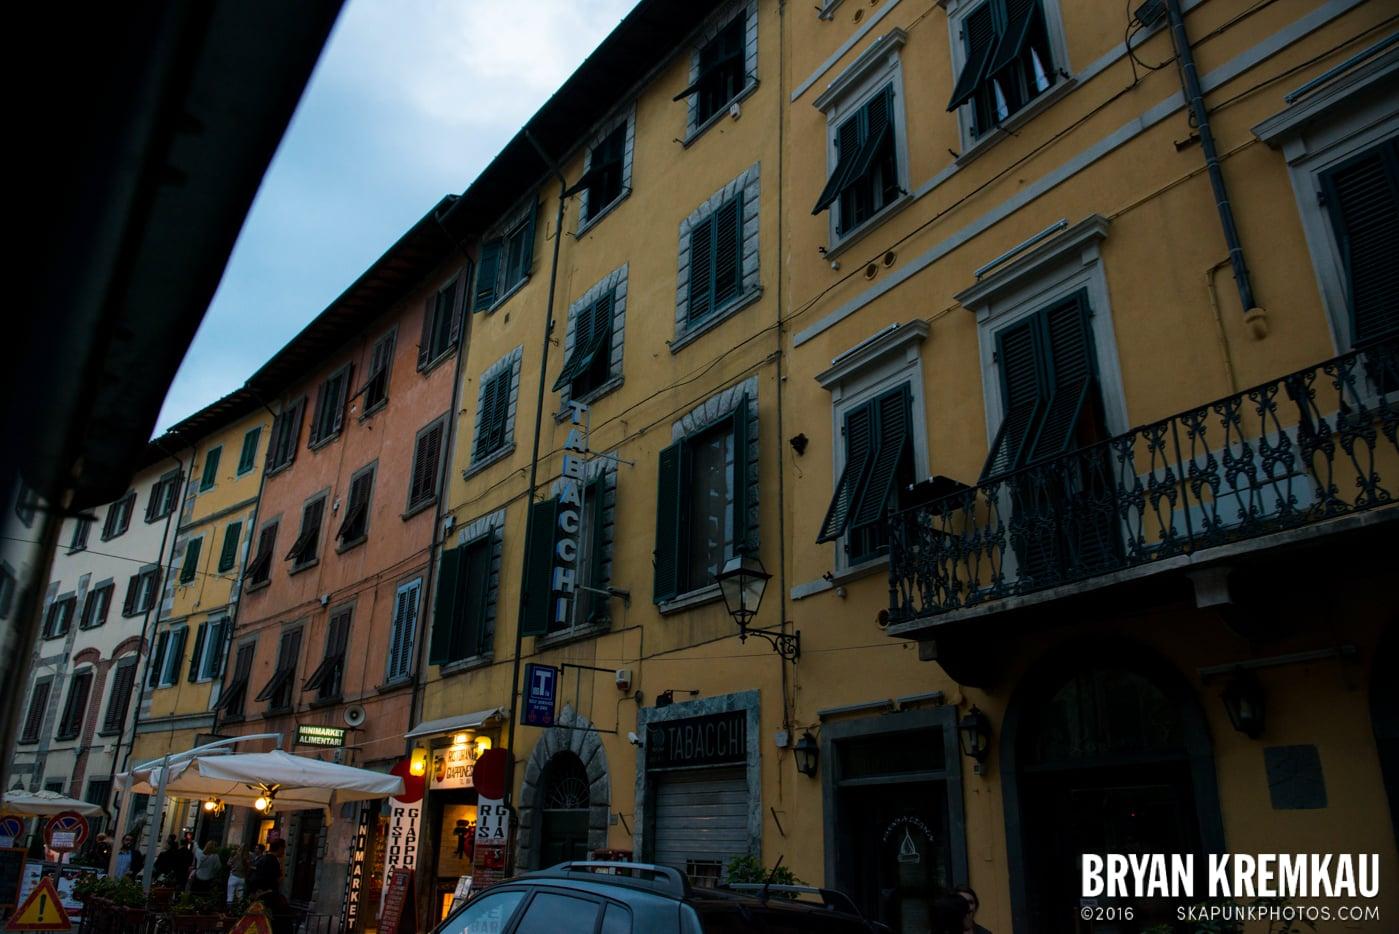 Italy Vacation - Day 8: Siena, San Gimignano, Chianti, Pisa - 9.16.13 (10)